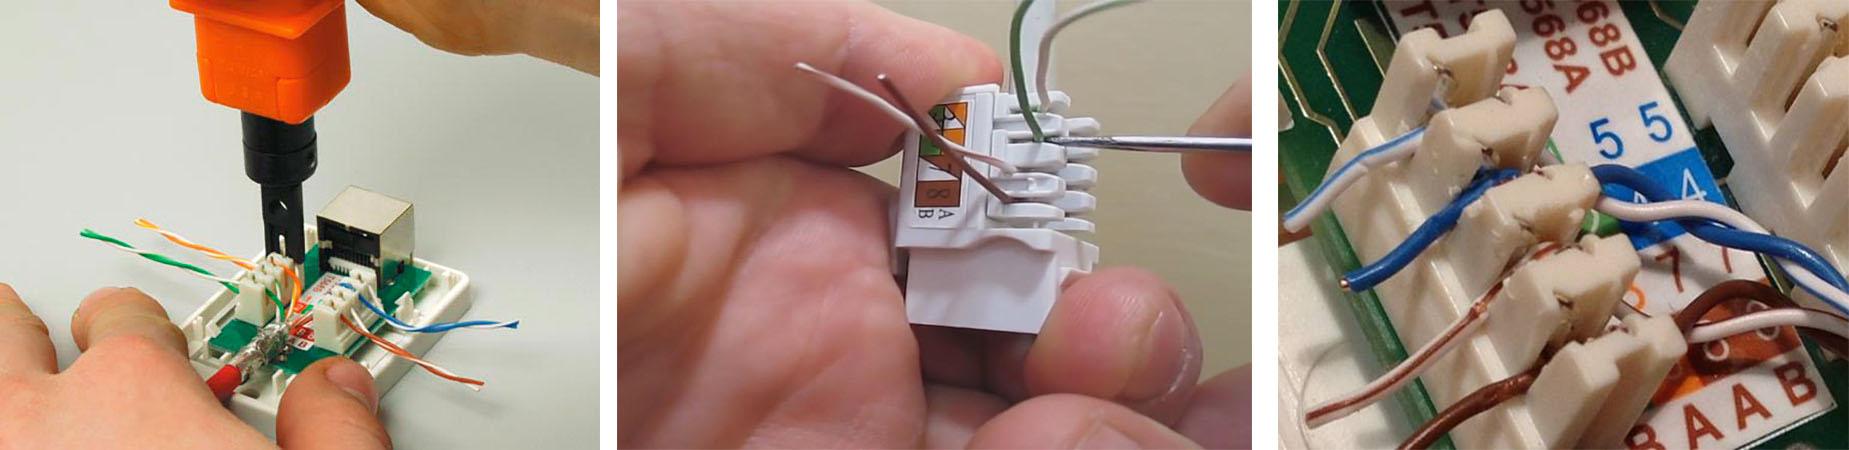 Вставляем провода в розетку rg 45